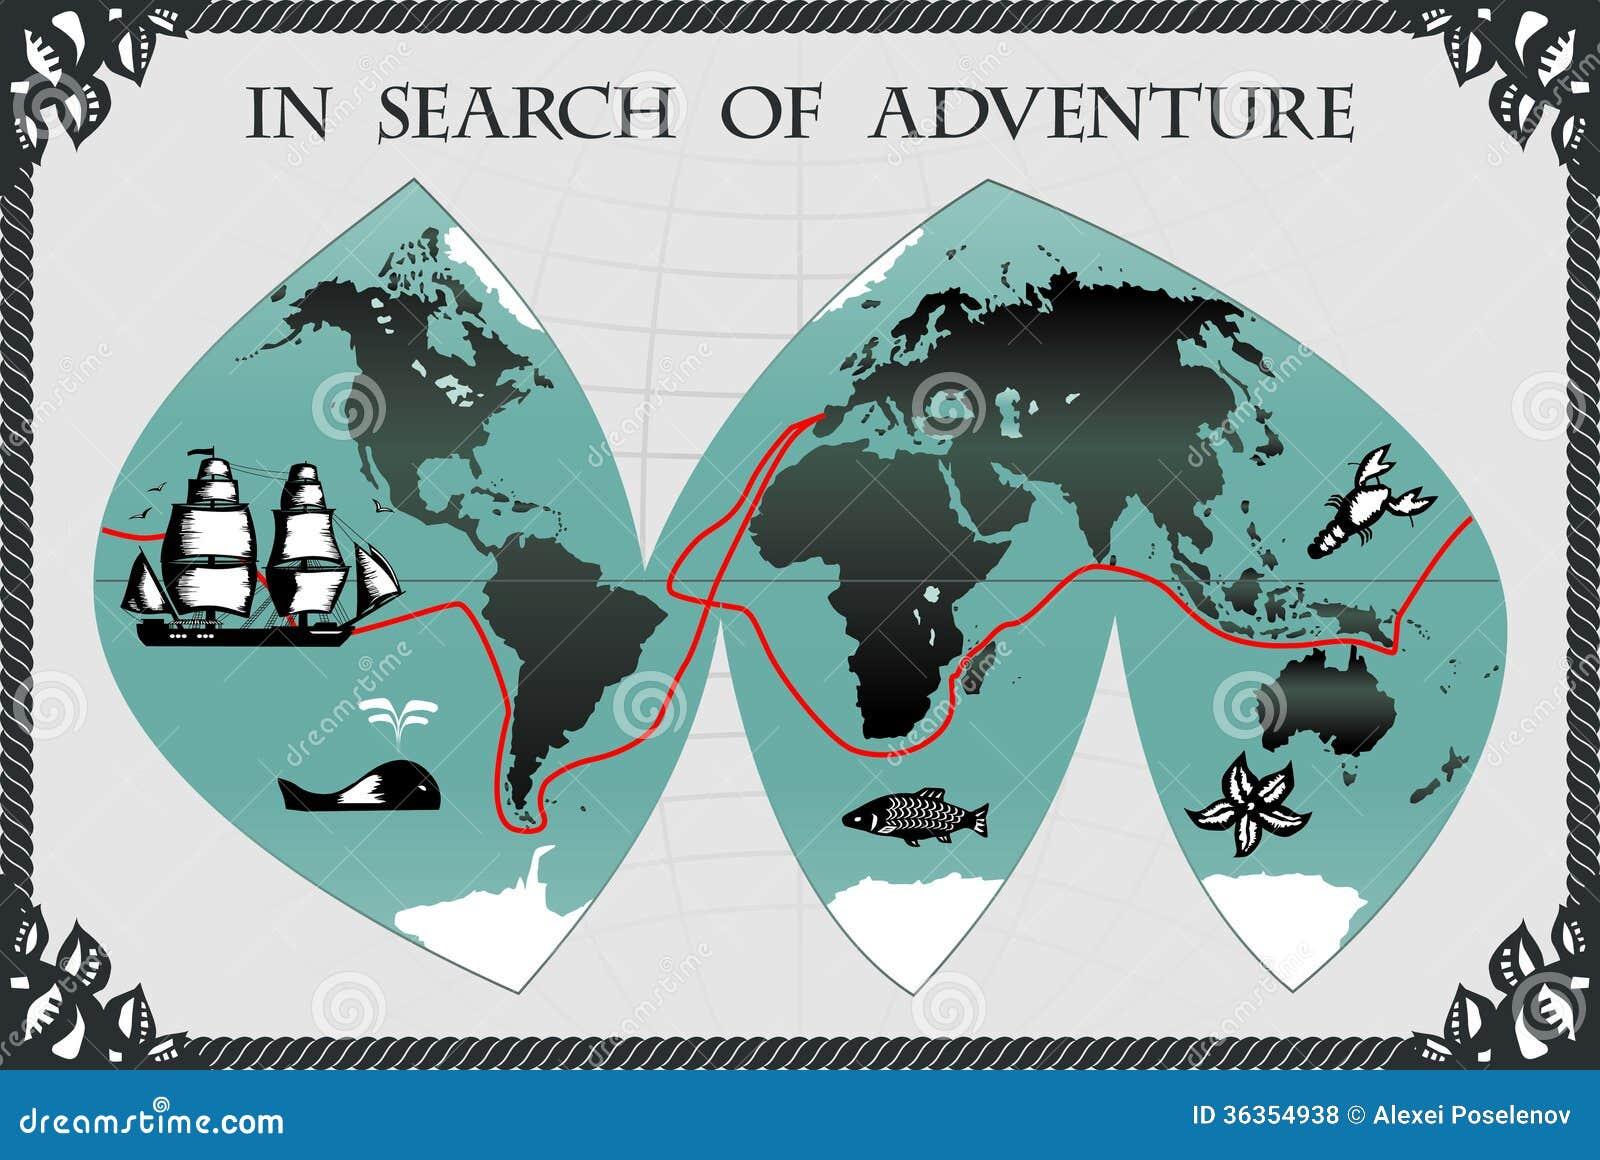 Op zoek naar avontuur